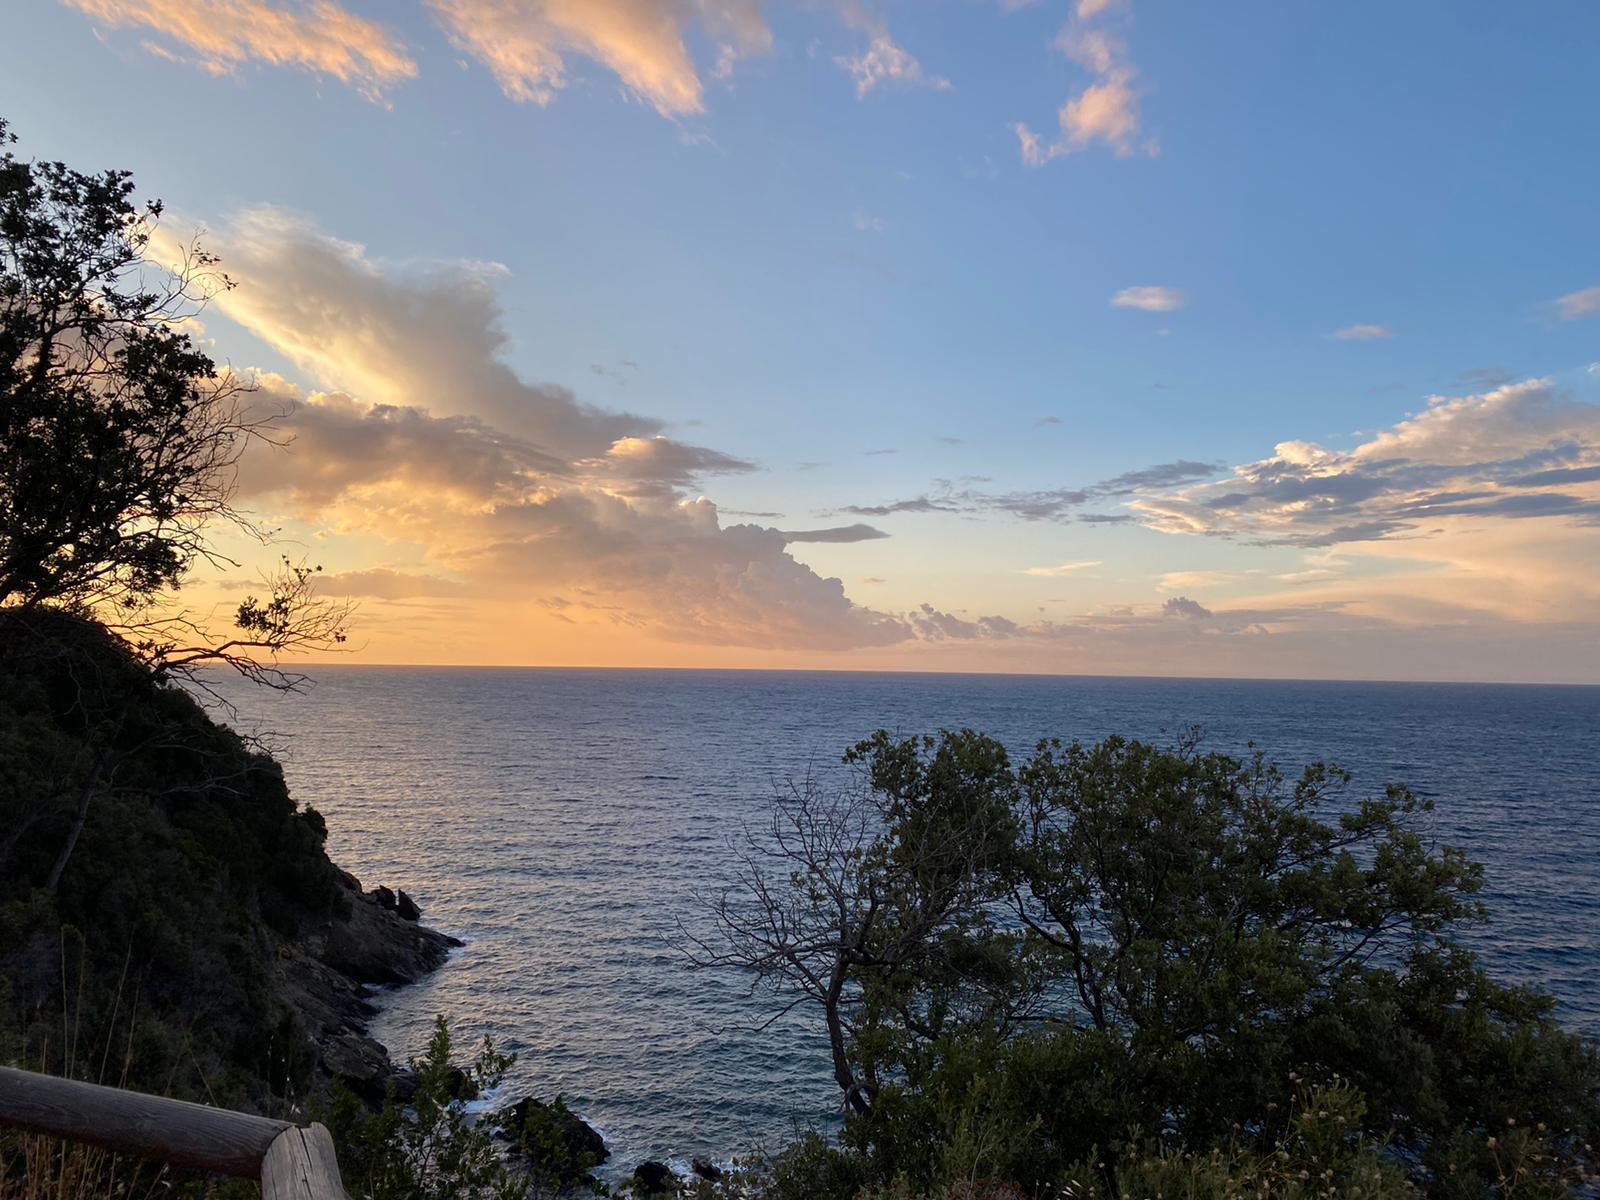 Assaggiatrice di viaggi - Isola d'Elba low cost: settimana ...